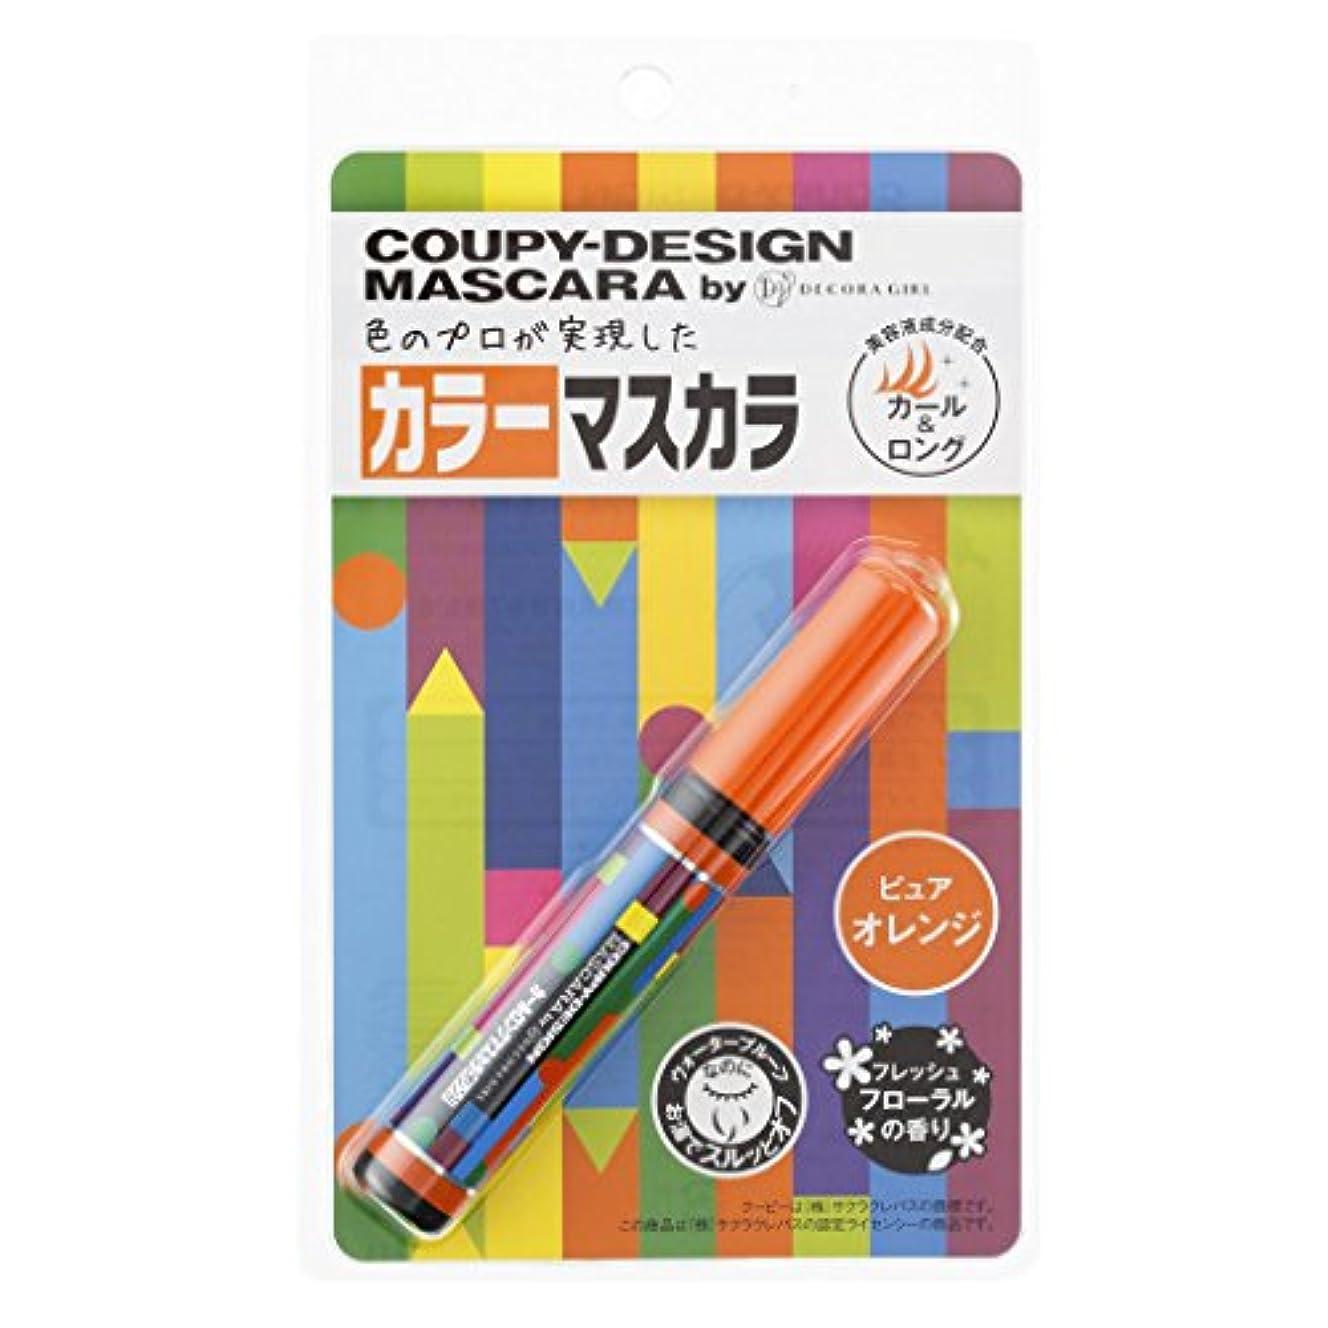 うめきバンジョー分布クーピー柄カラーマスカラ(ピュアオレンジ)